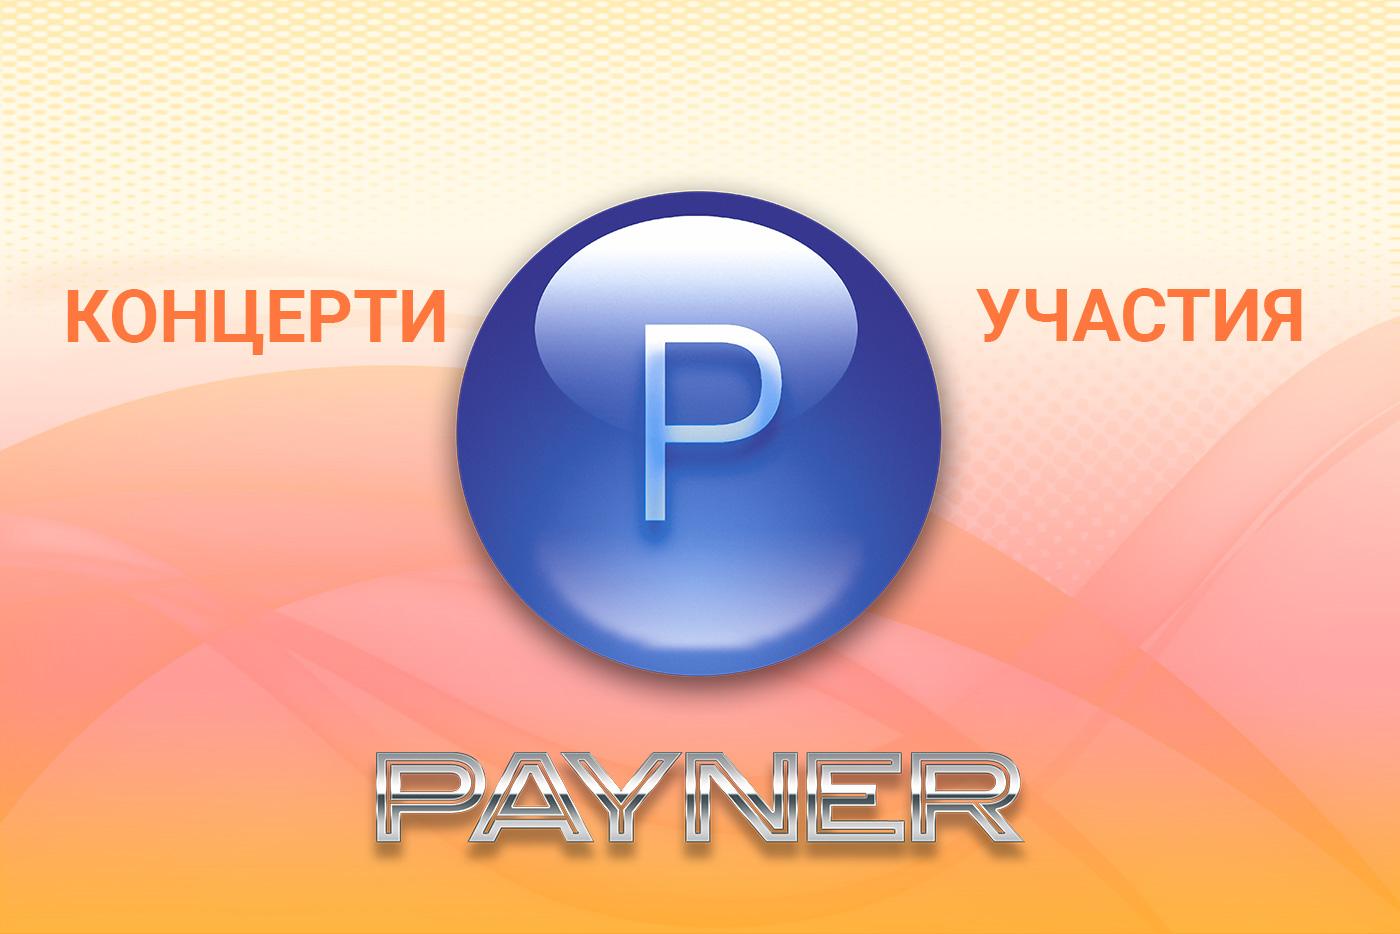 """Участия на звездите на """"Пайнер"""" на 17.05.2019"""